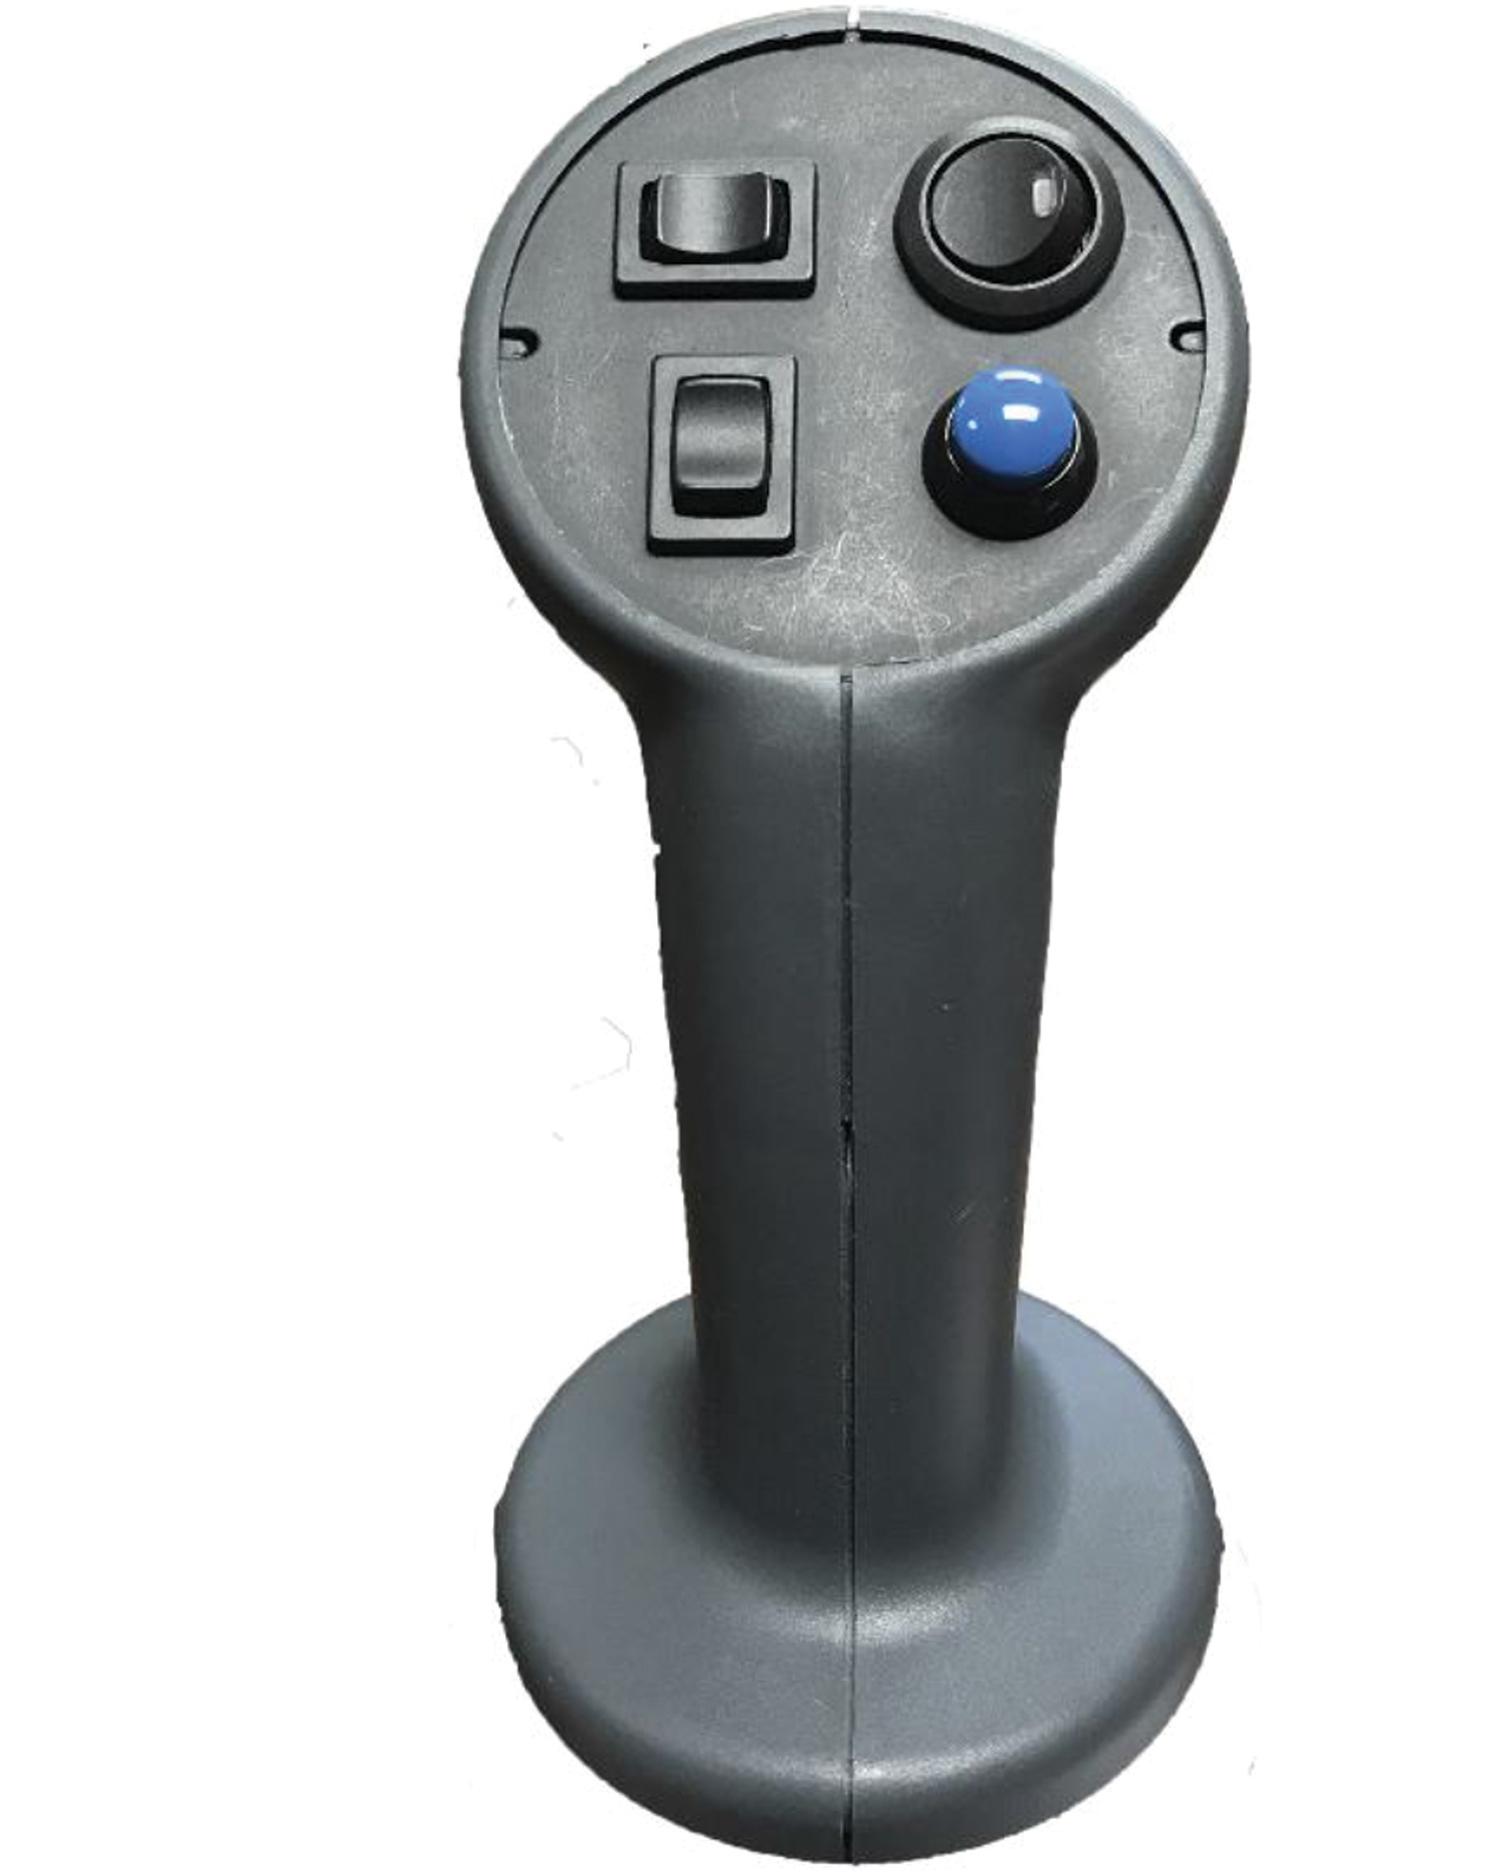 MG2 Joystick Controller